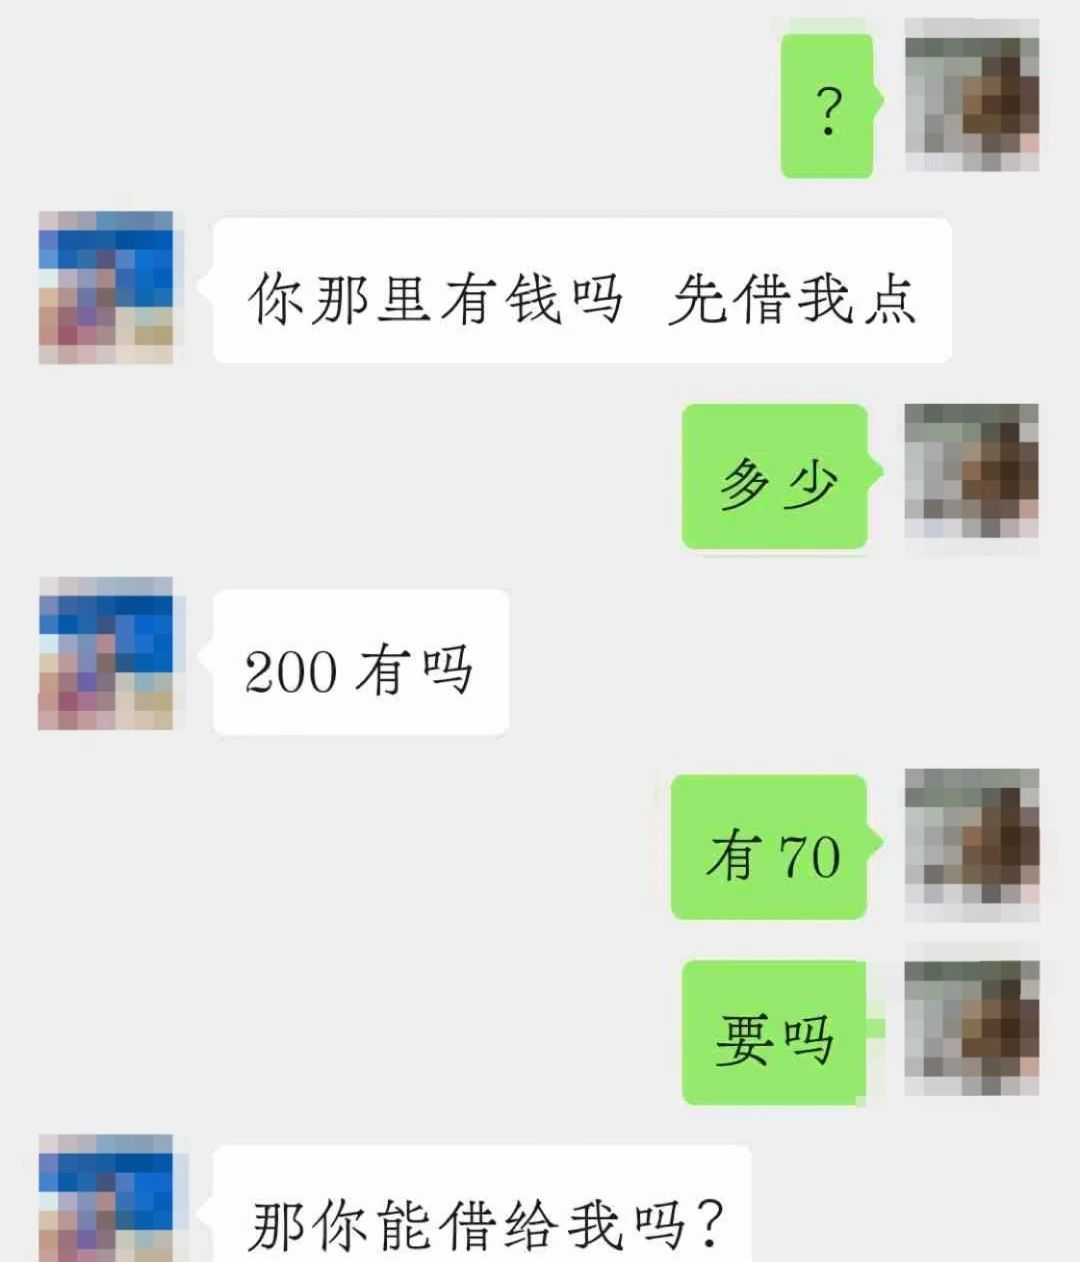 微信发布重要提醒,严厉打击租售微信帐号行为